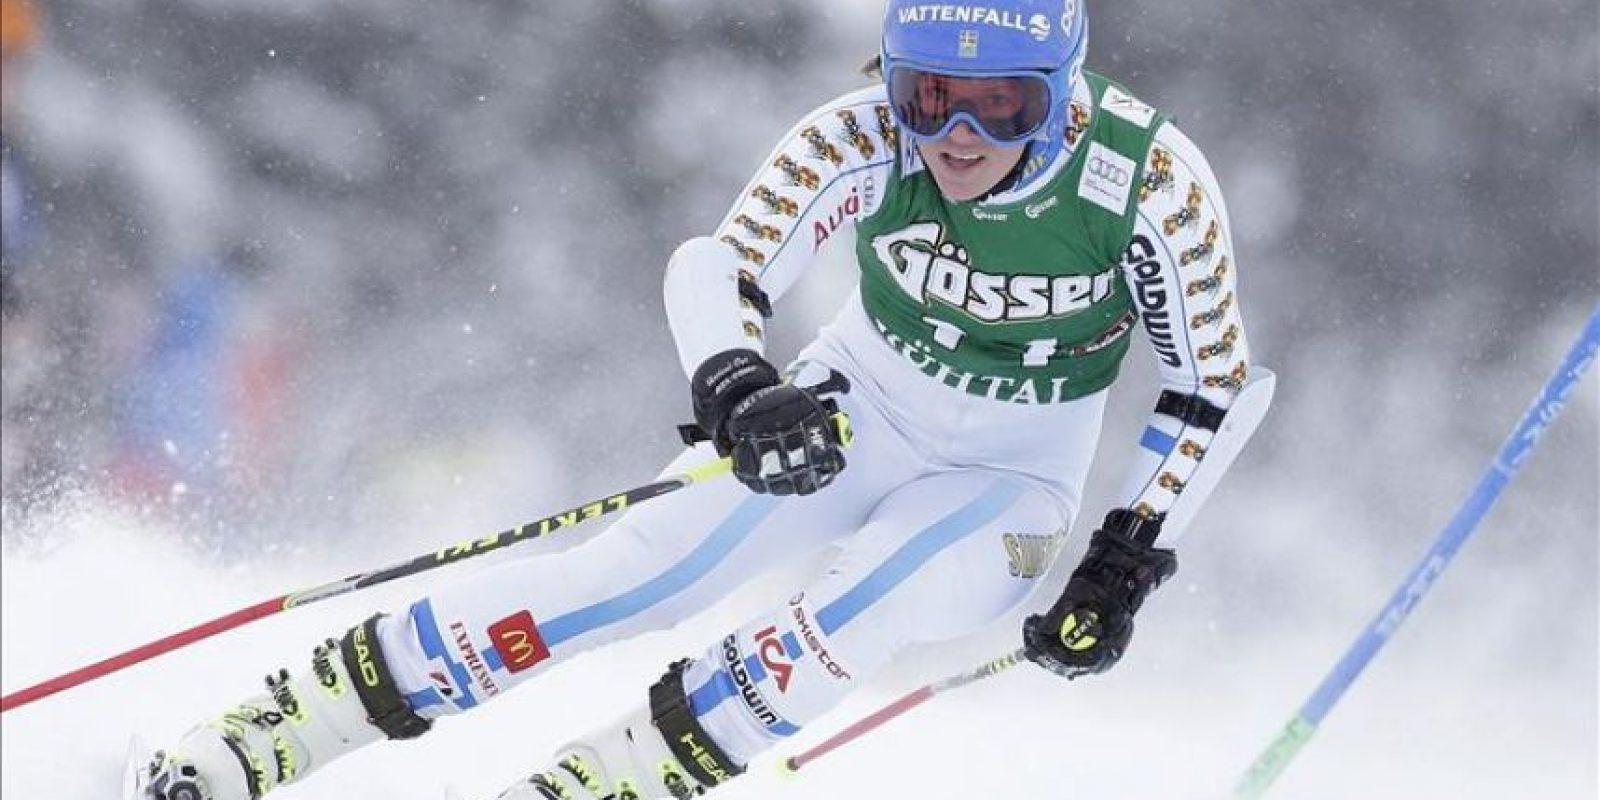 La esquiadora sueca, Sara Hector, durante la prueba de gigante disputada en la estación austríaca de Kuehtai. EFE